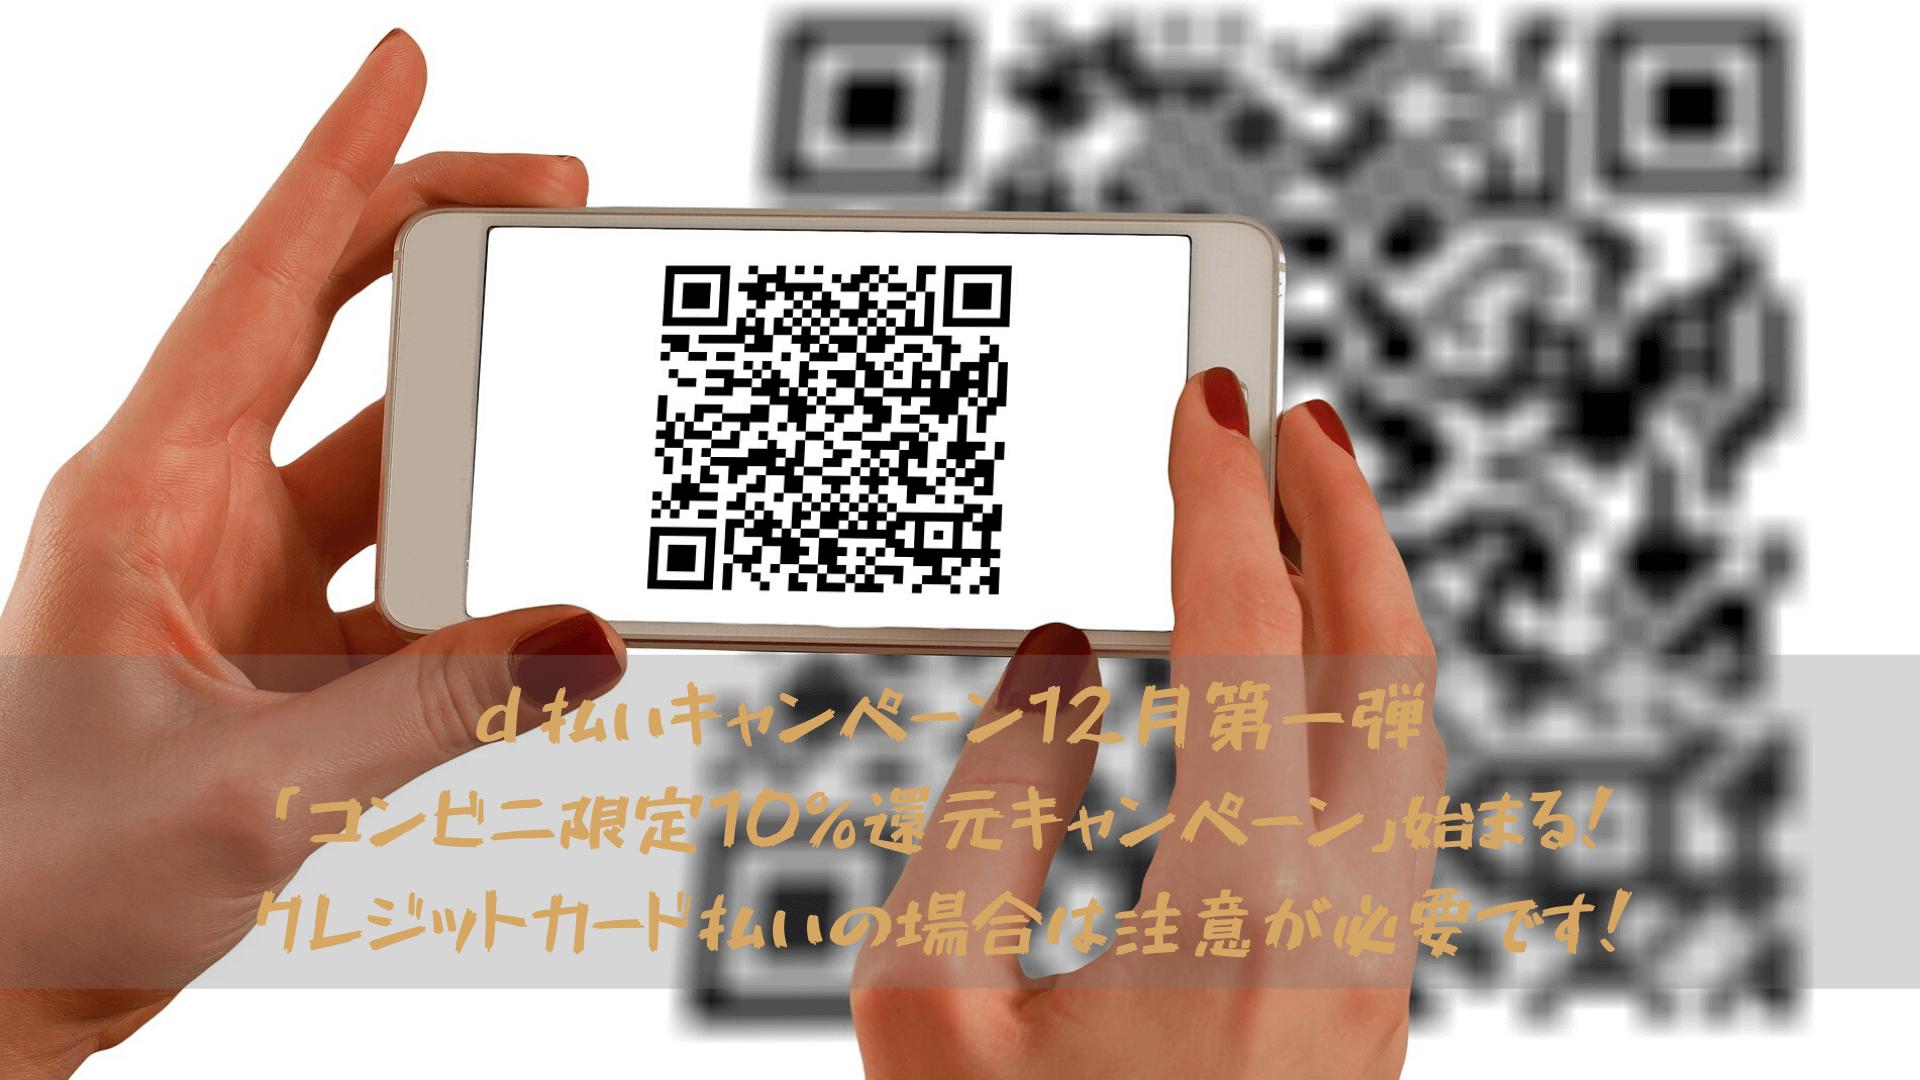 d払いキャンペーン12月第一弾「コンビニ限定10%還元キャンペーン」始まる!クレジットカード払いの場合は注意が必要です!